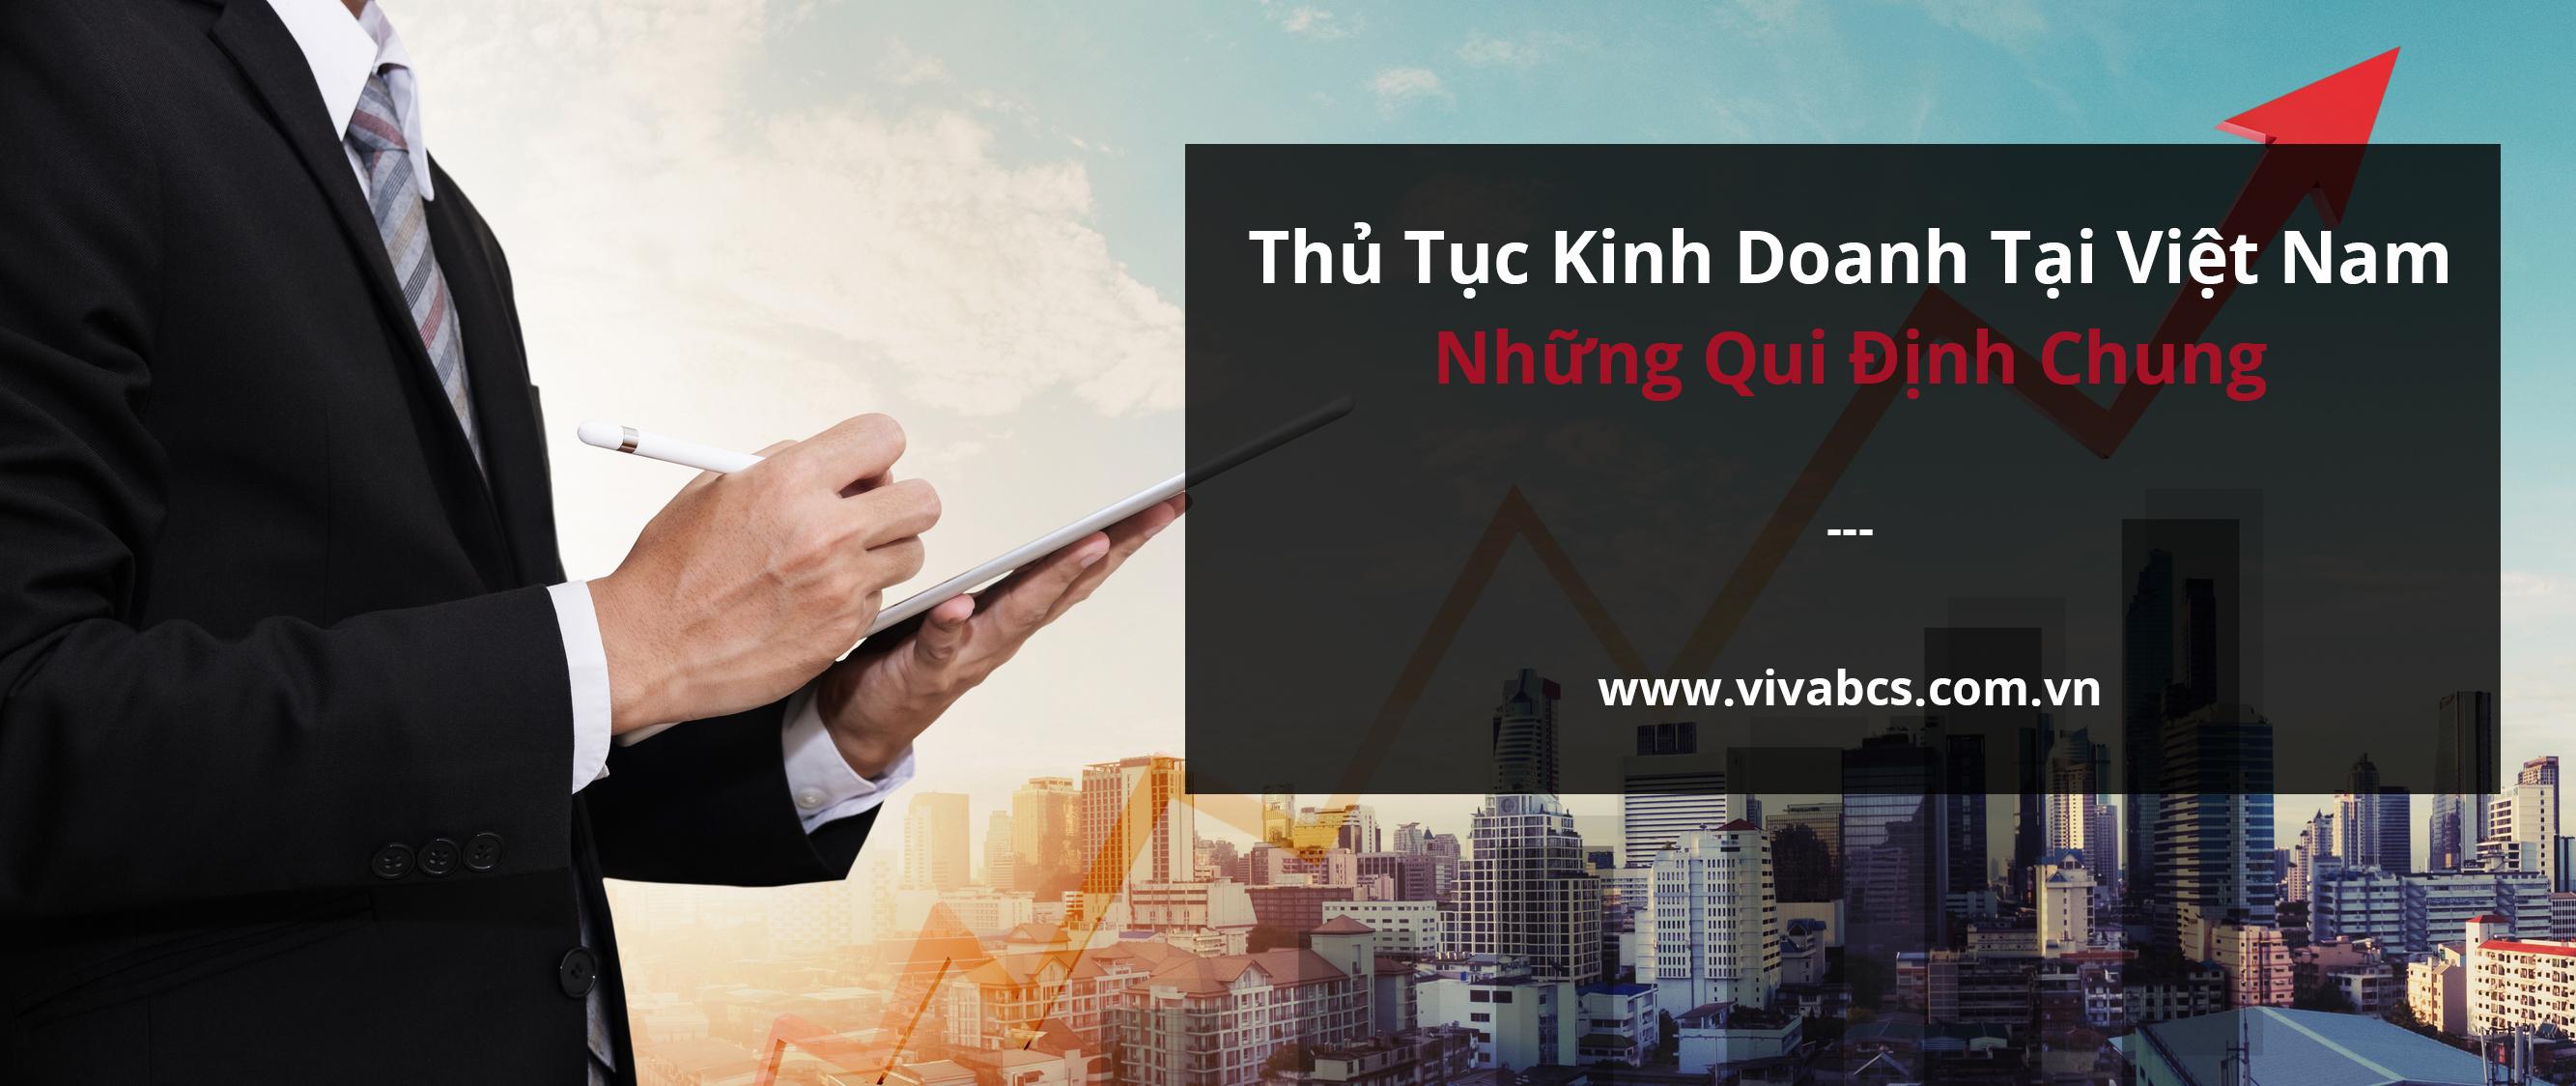 Thủ tục kinh doanh tại Việt Nam - những qui định chung